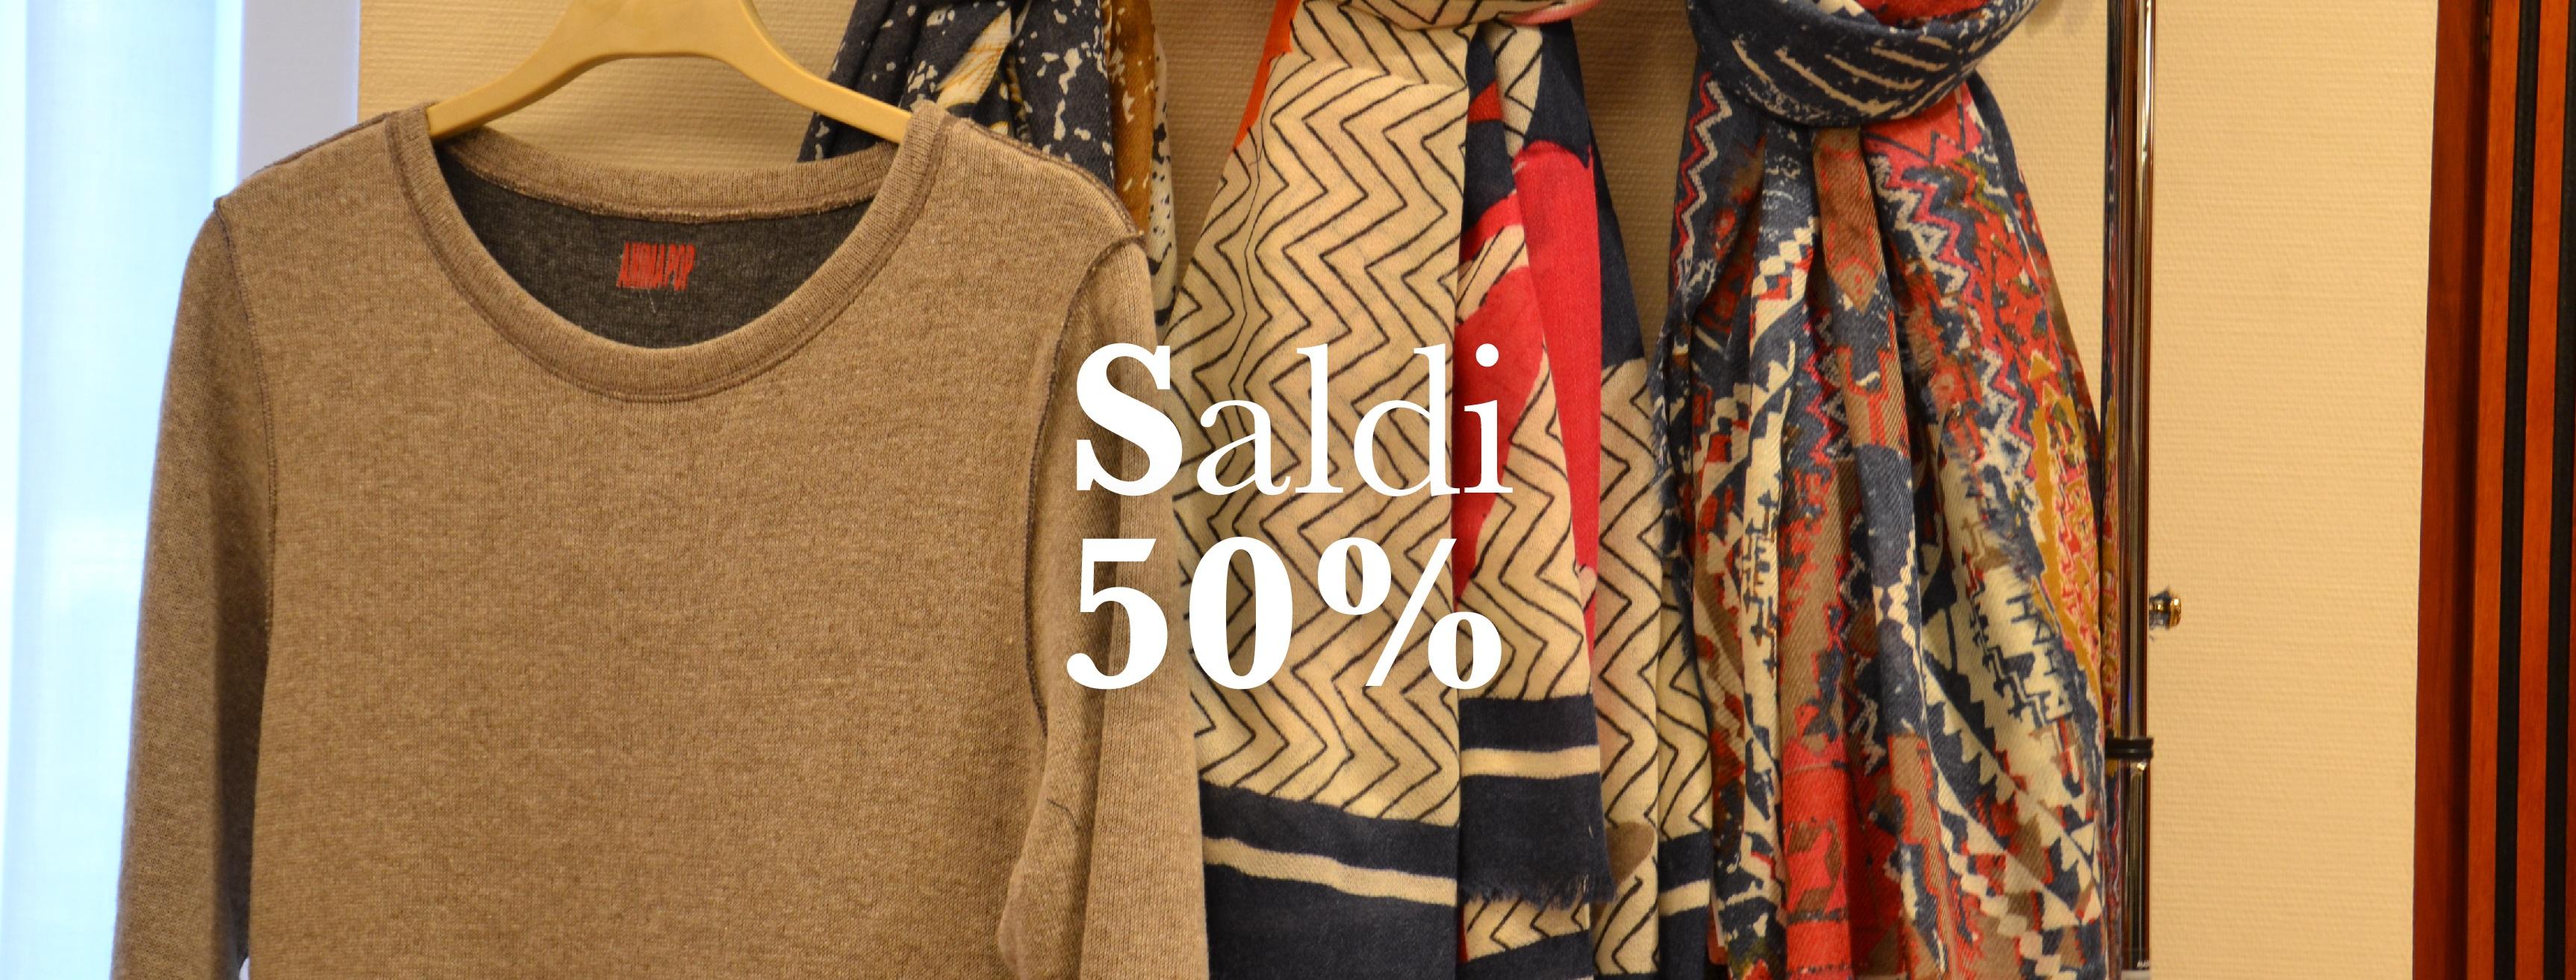 58b36799e4f4 I saldi invernali arrivano al 50% da Sabi Abbigliamento - Sabi Abbigliamento